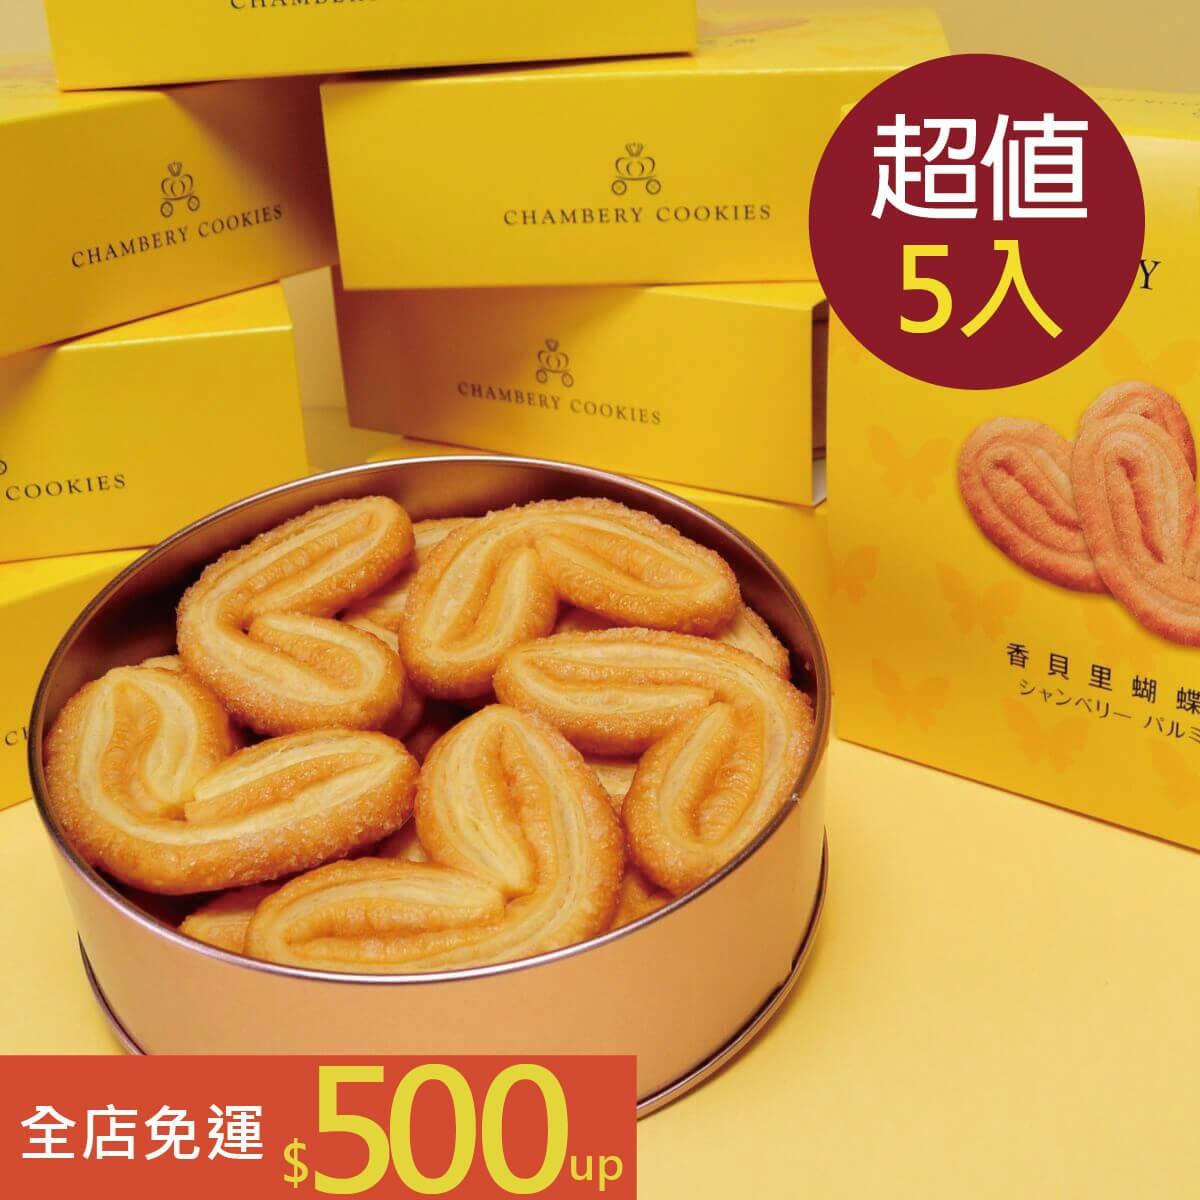 【免運!團購超省!】鐵盒餅乾5盒組